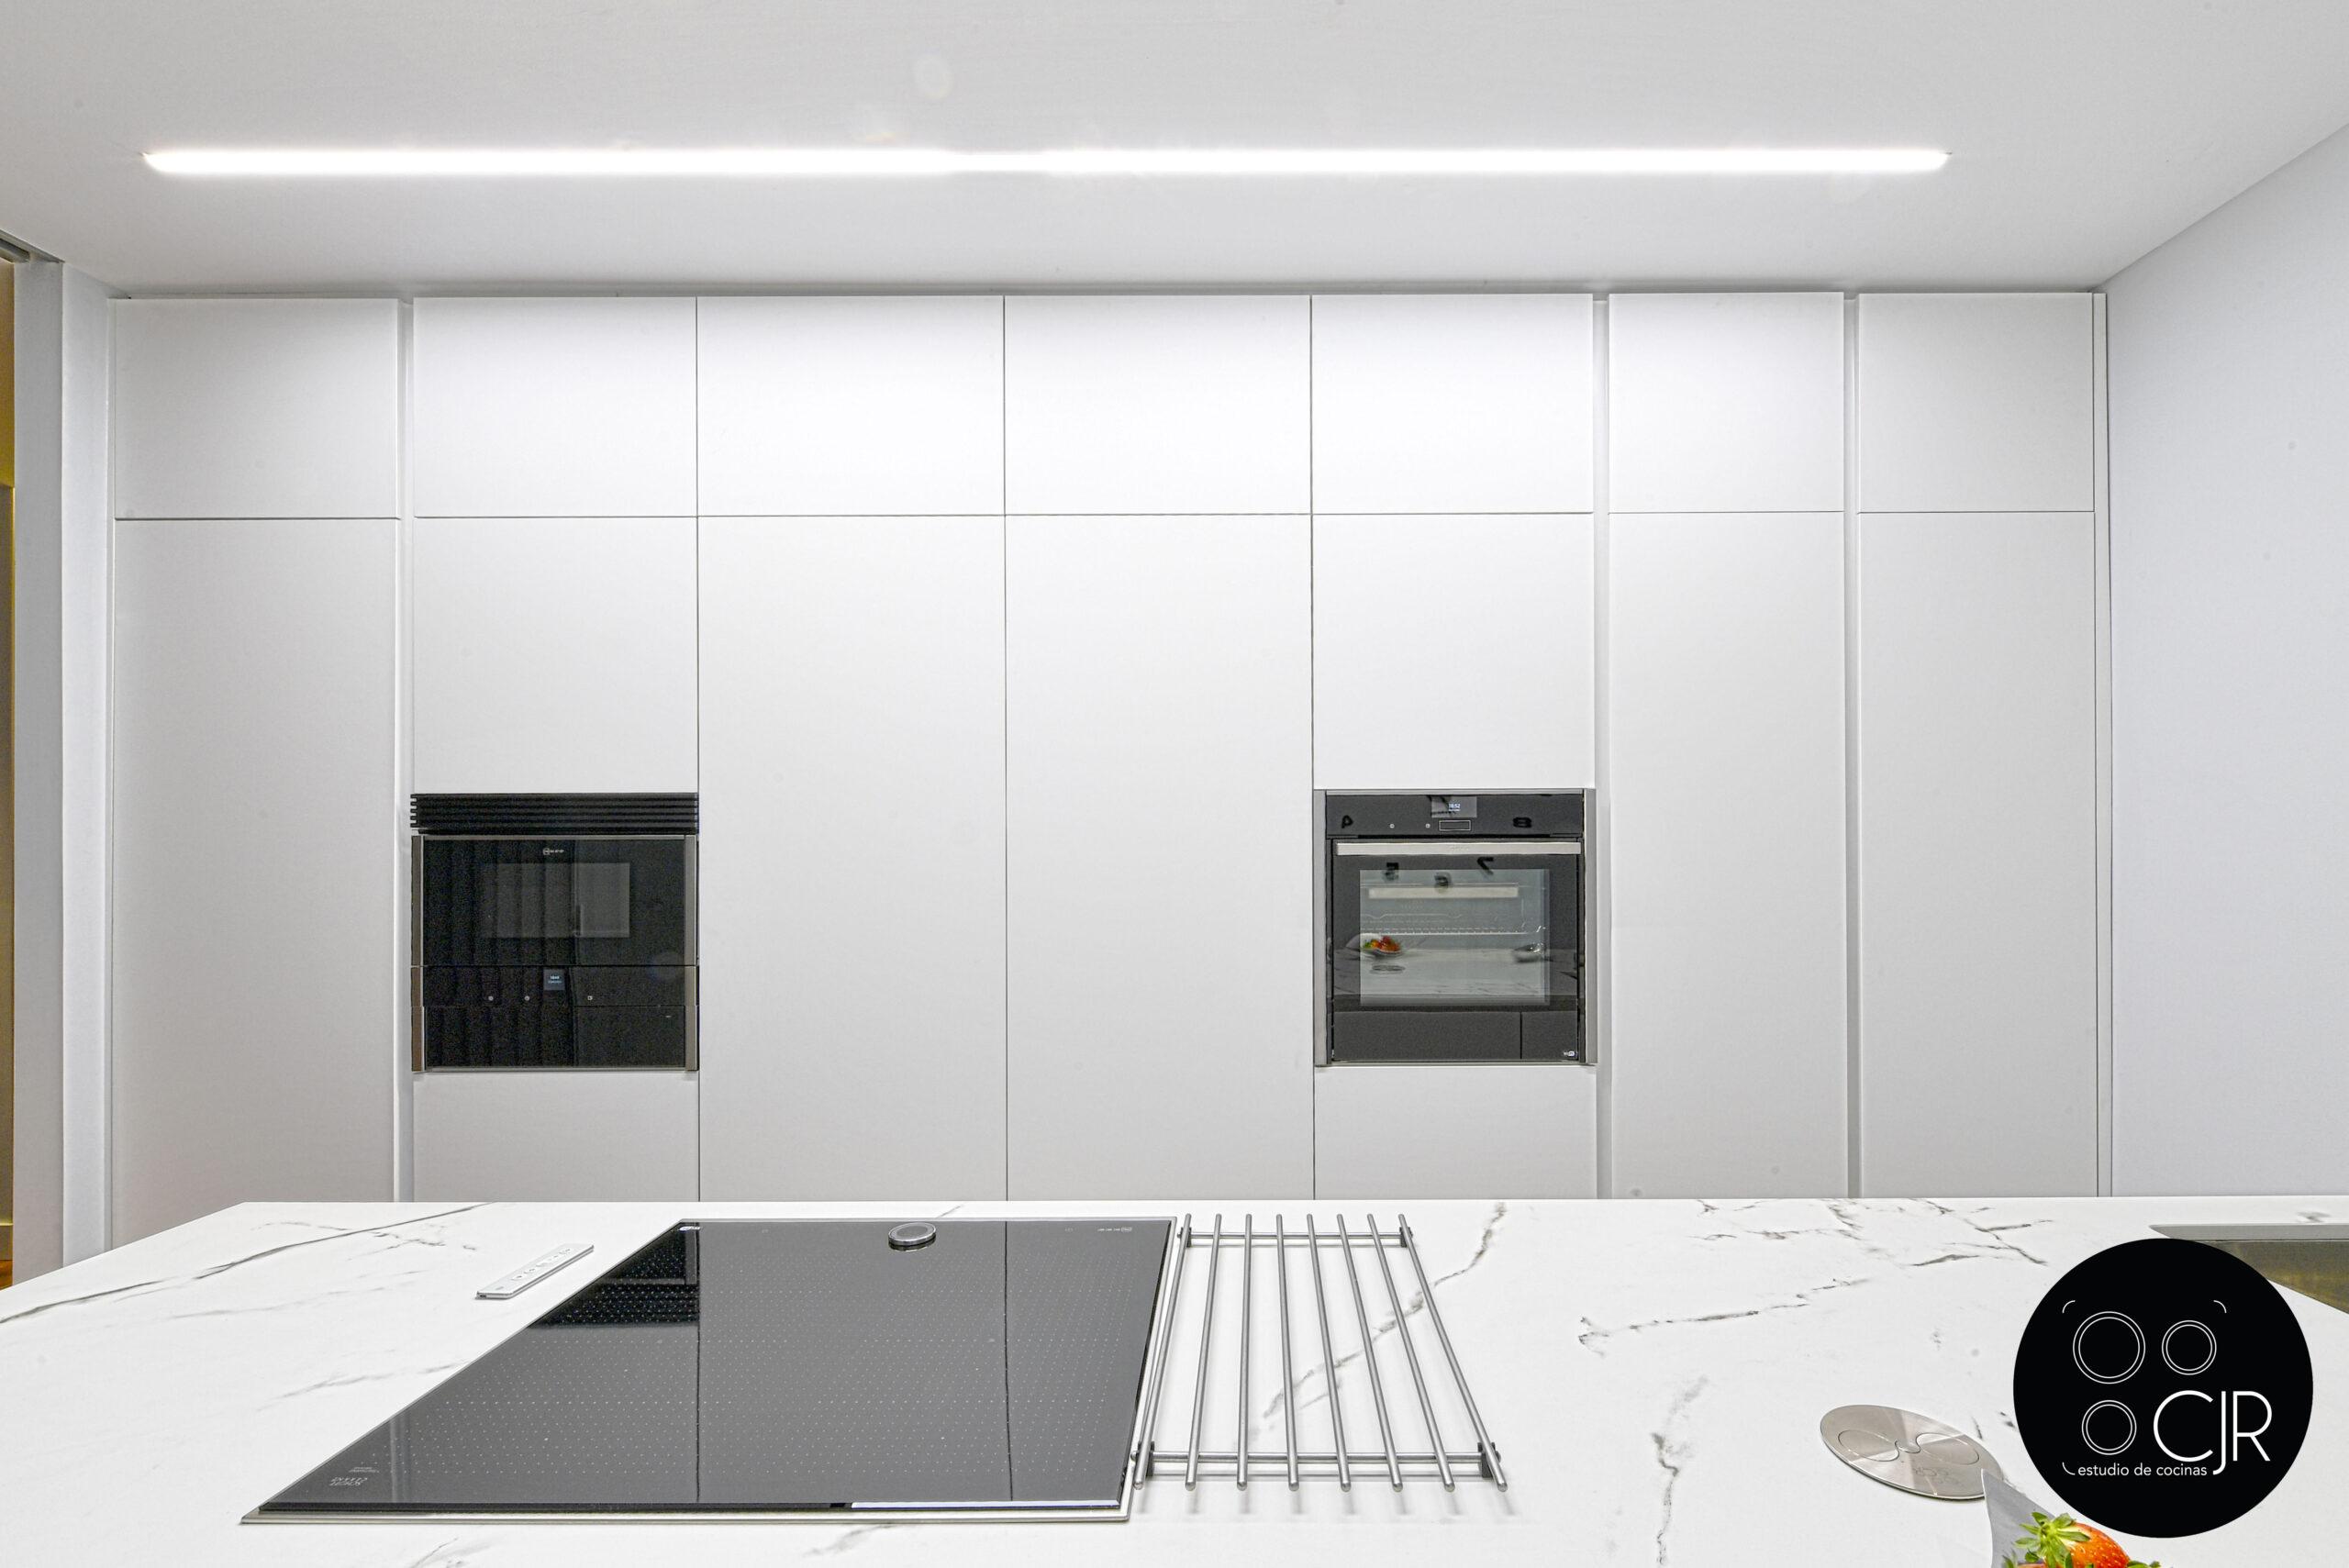 Toda la pared de muebles altos y electrodomésticos cocina blanca mate sin tiradores